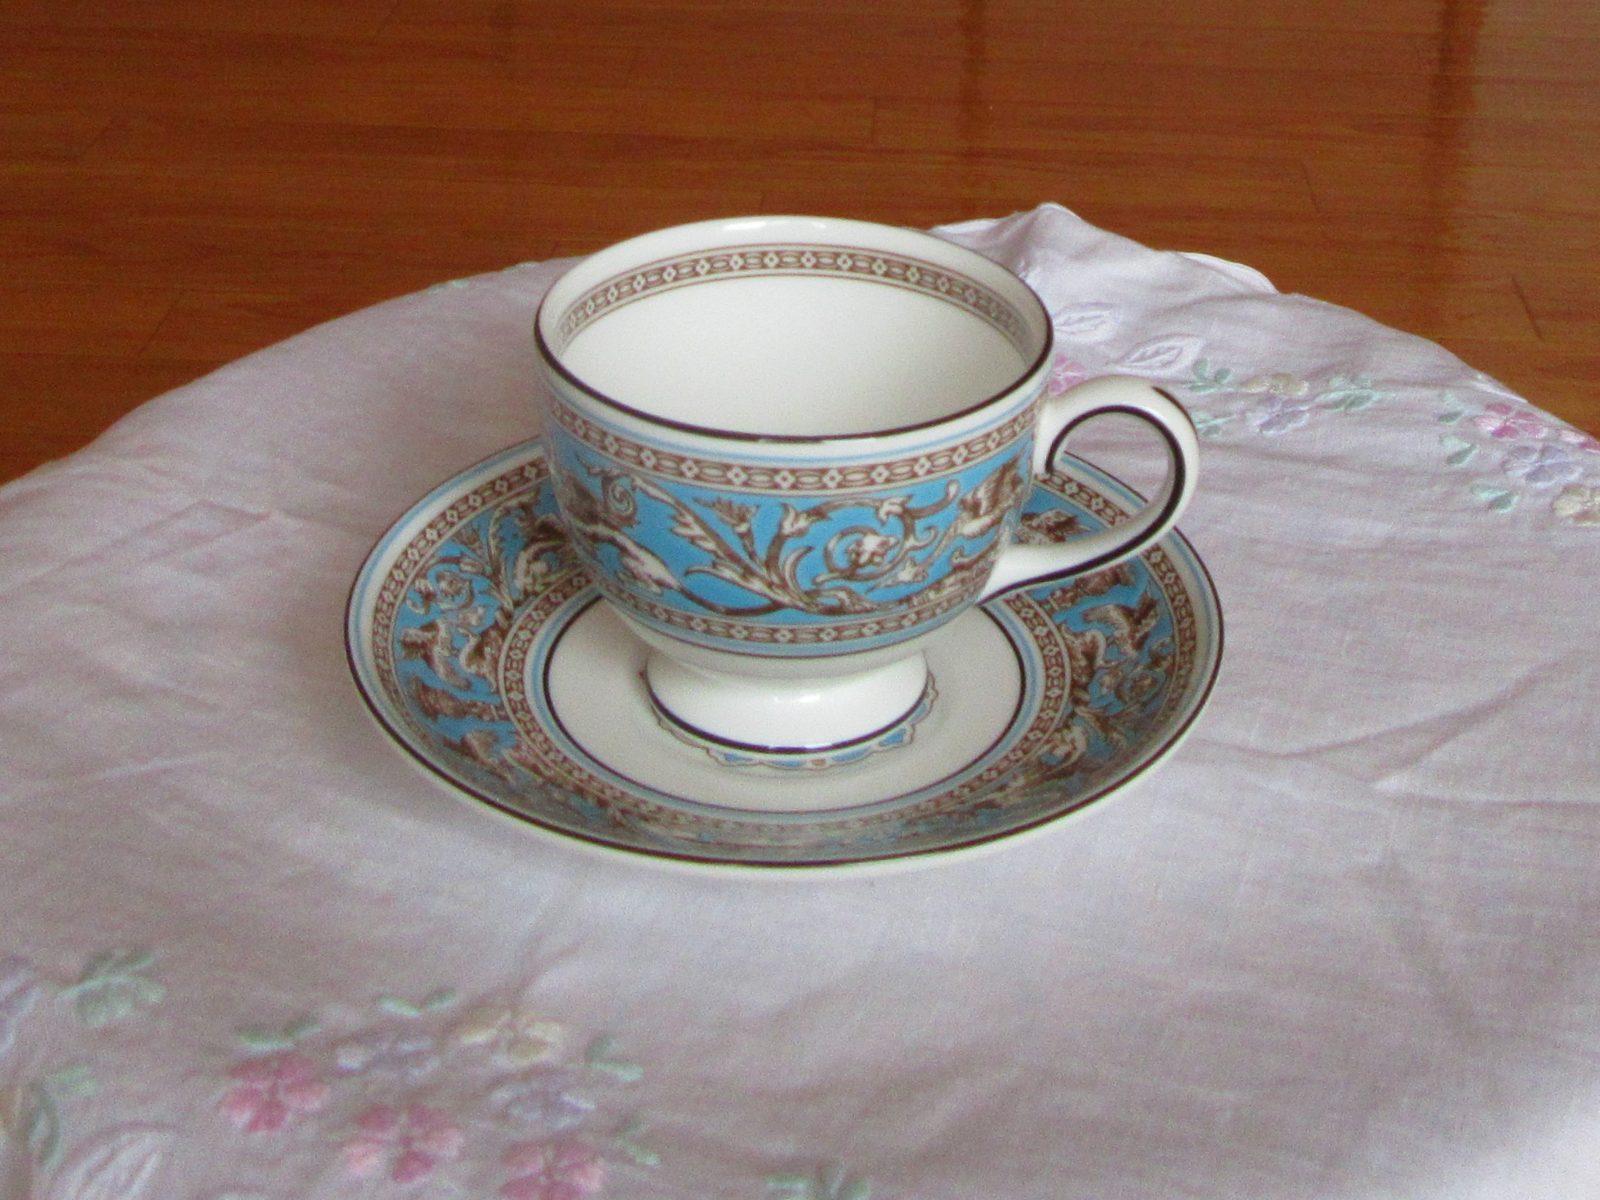 ウエッジウッド コーヒーカップ 新品 箱入